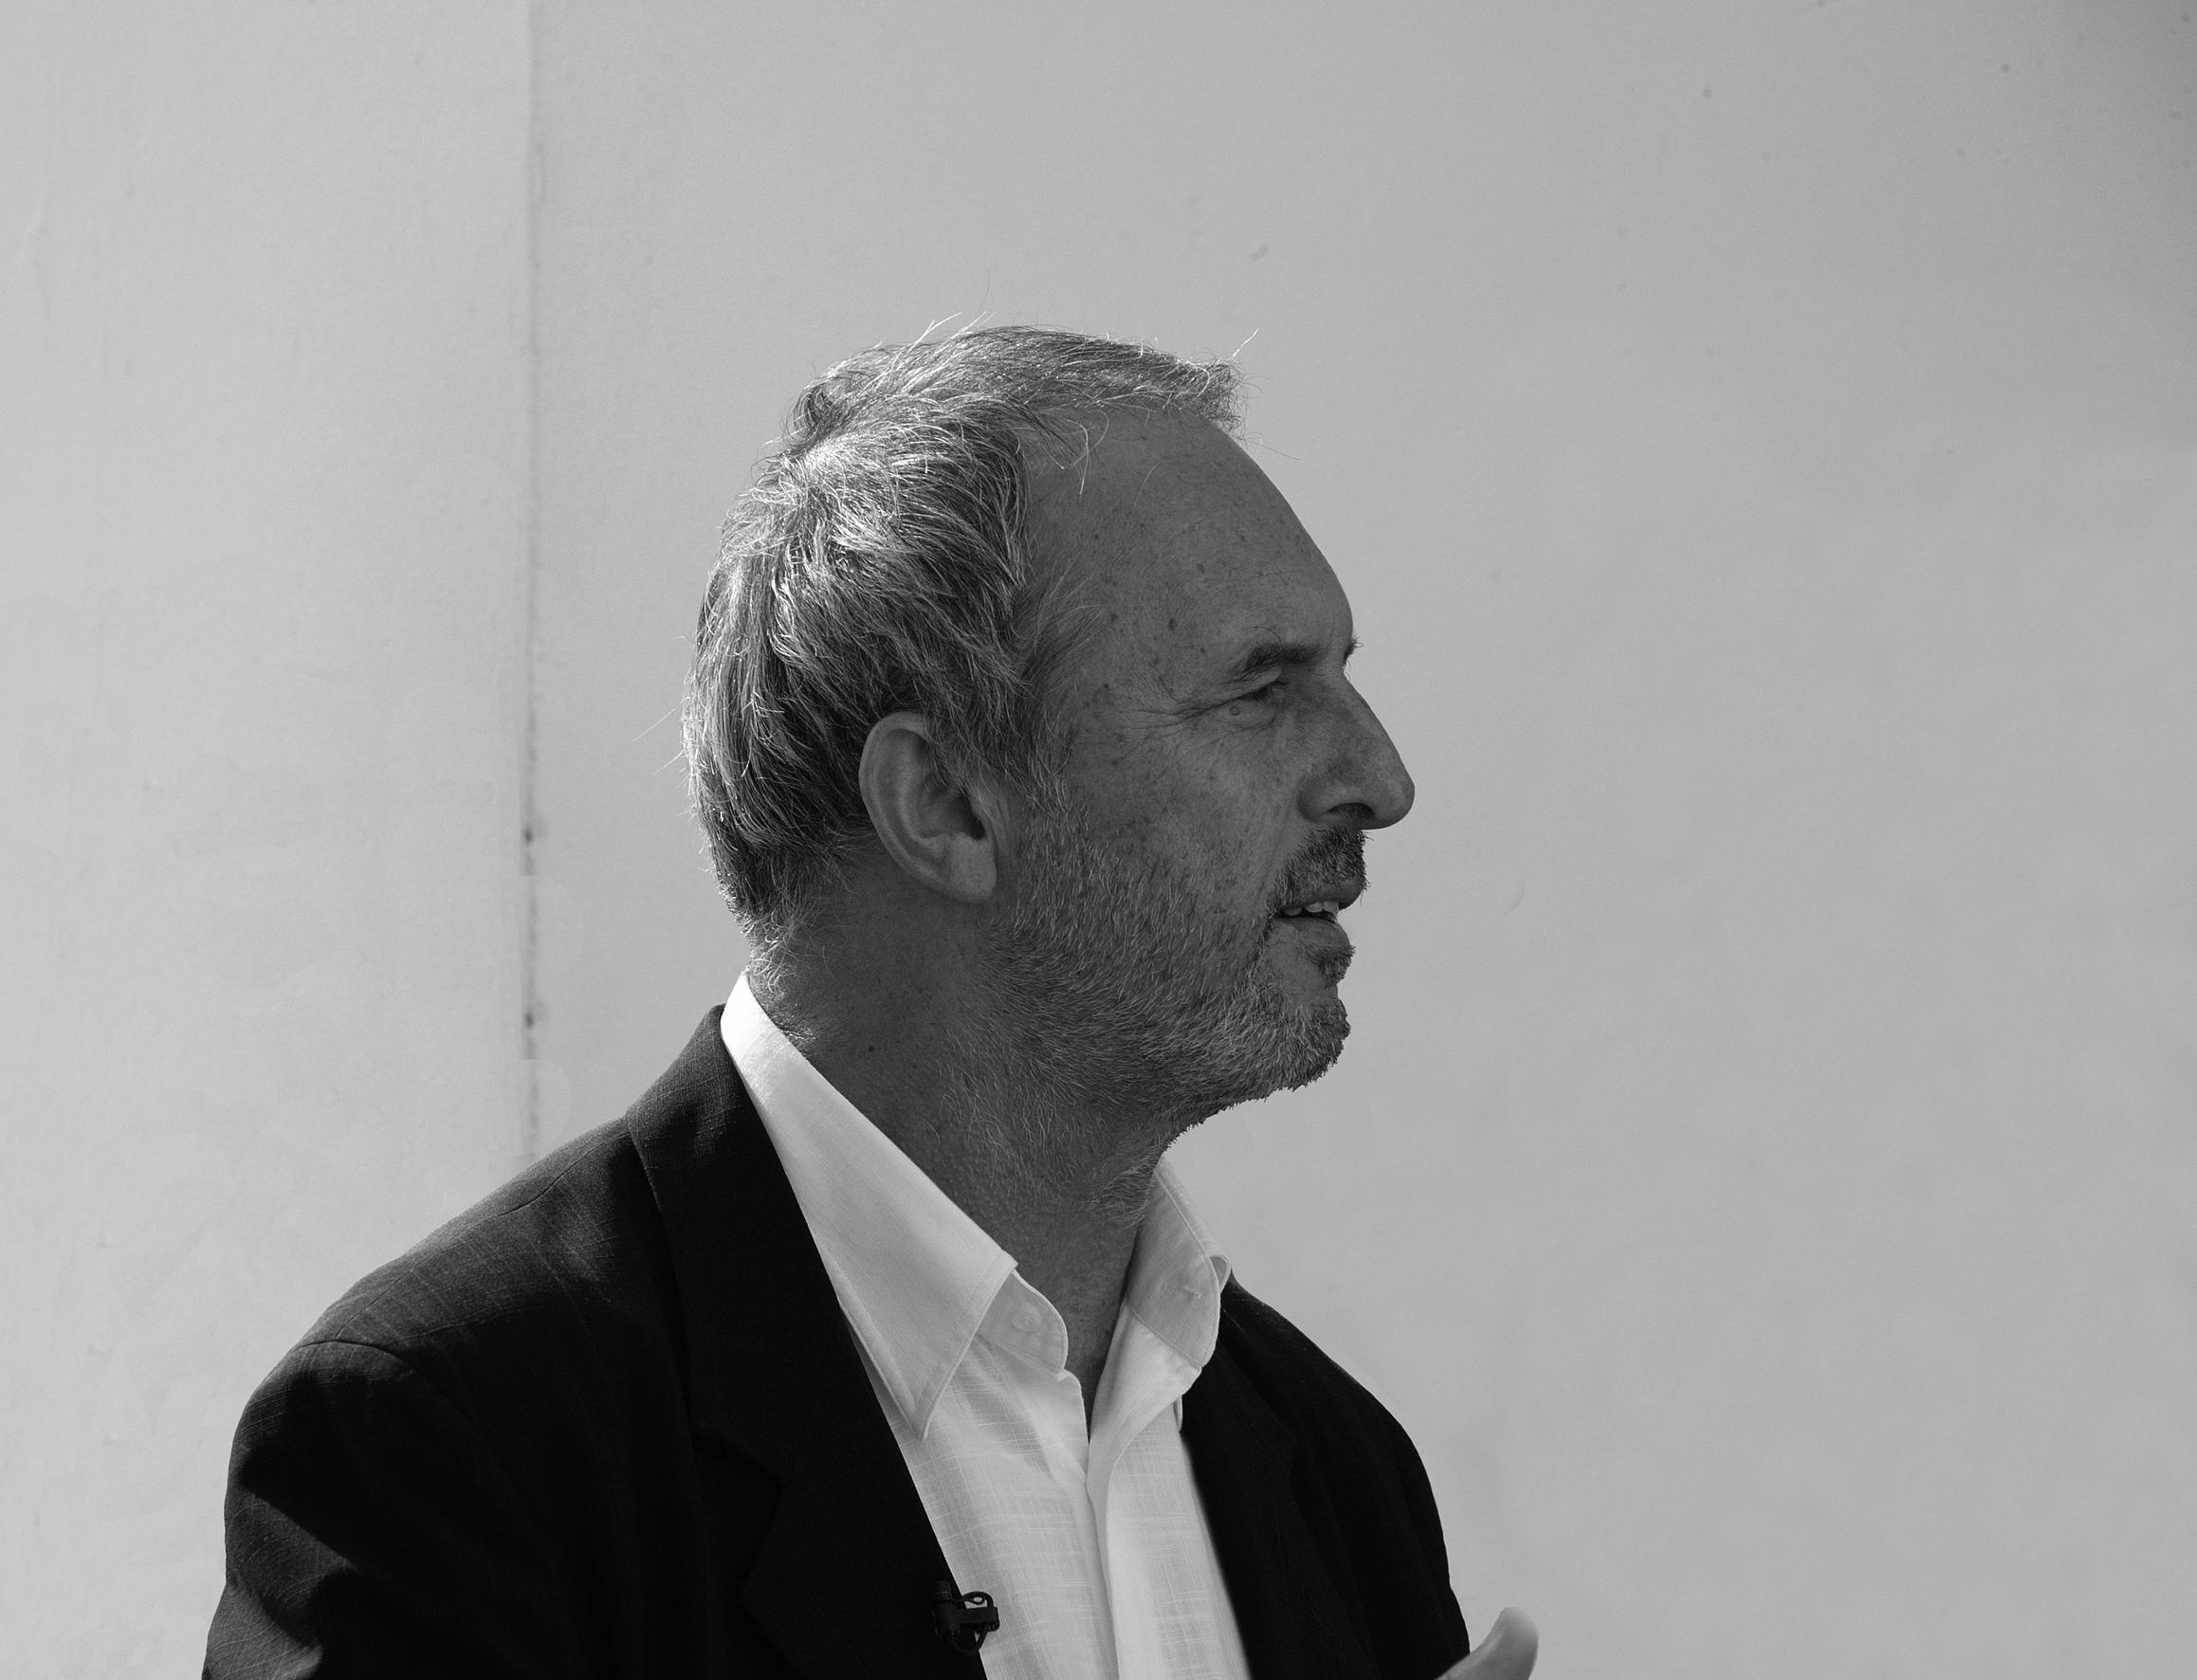 Guillermo Vázquez Consuegra